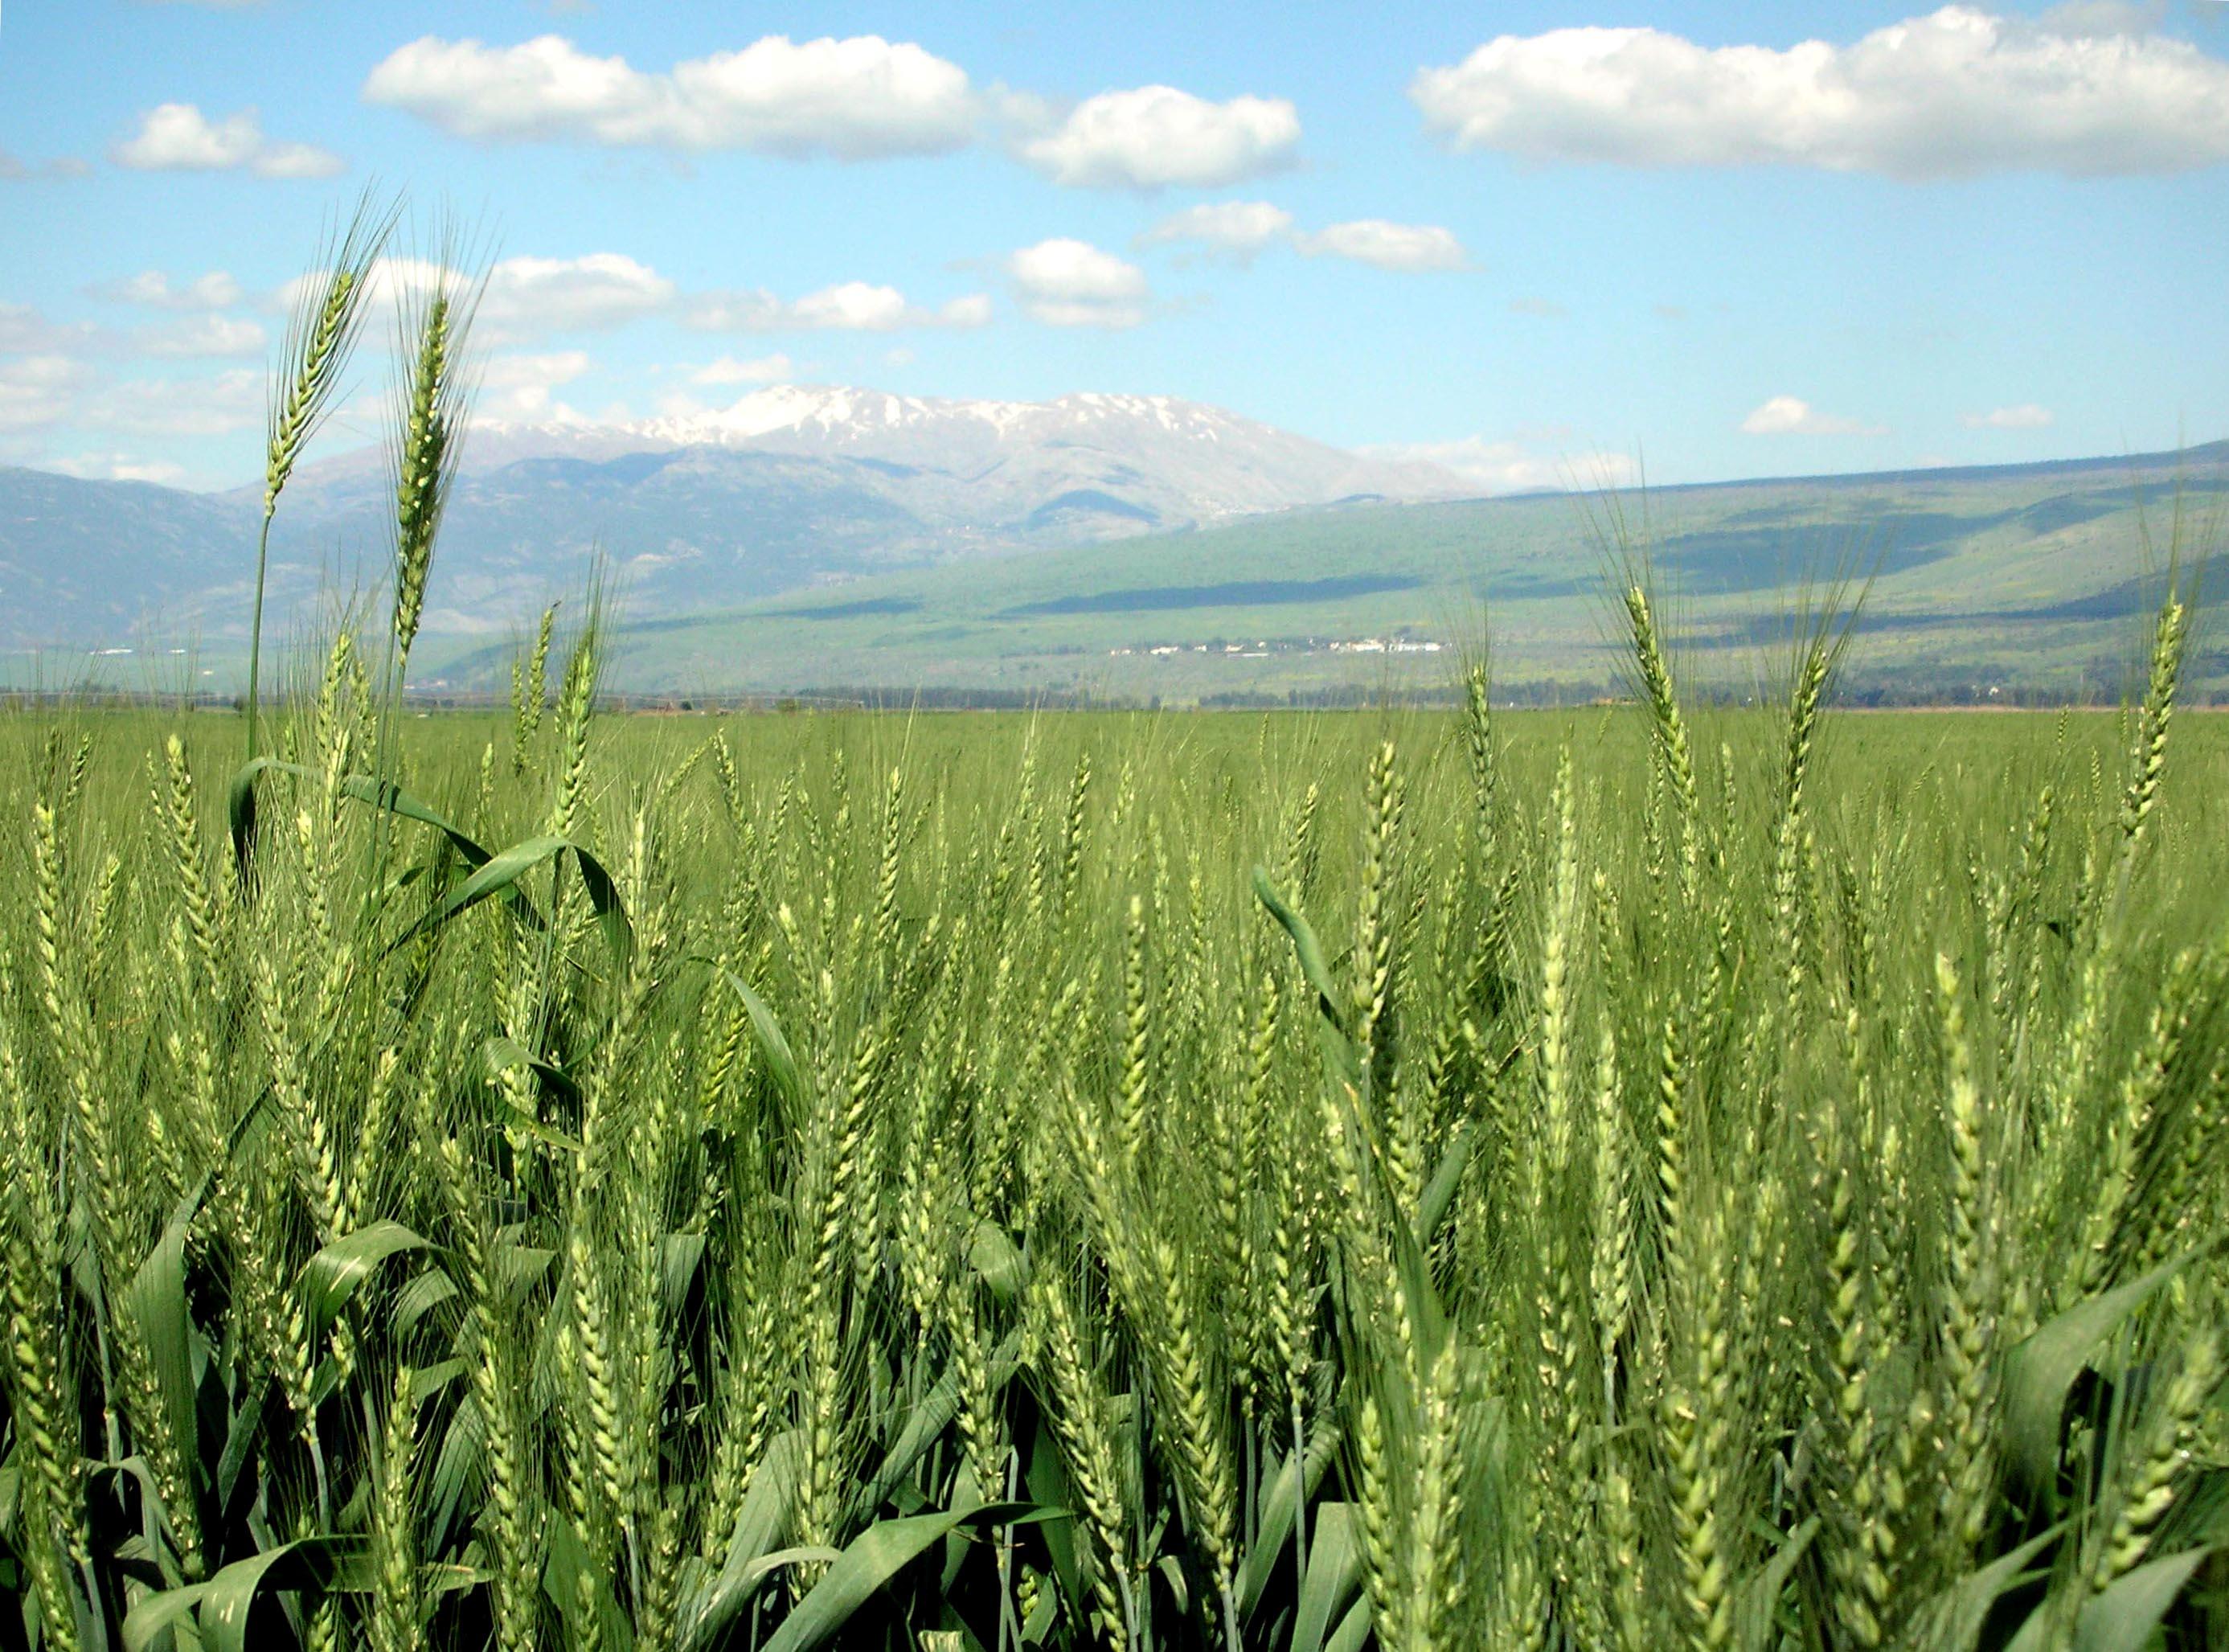 بالصور صور مزارع القمح , روعة حقول الذهب الاصفر 2663 3